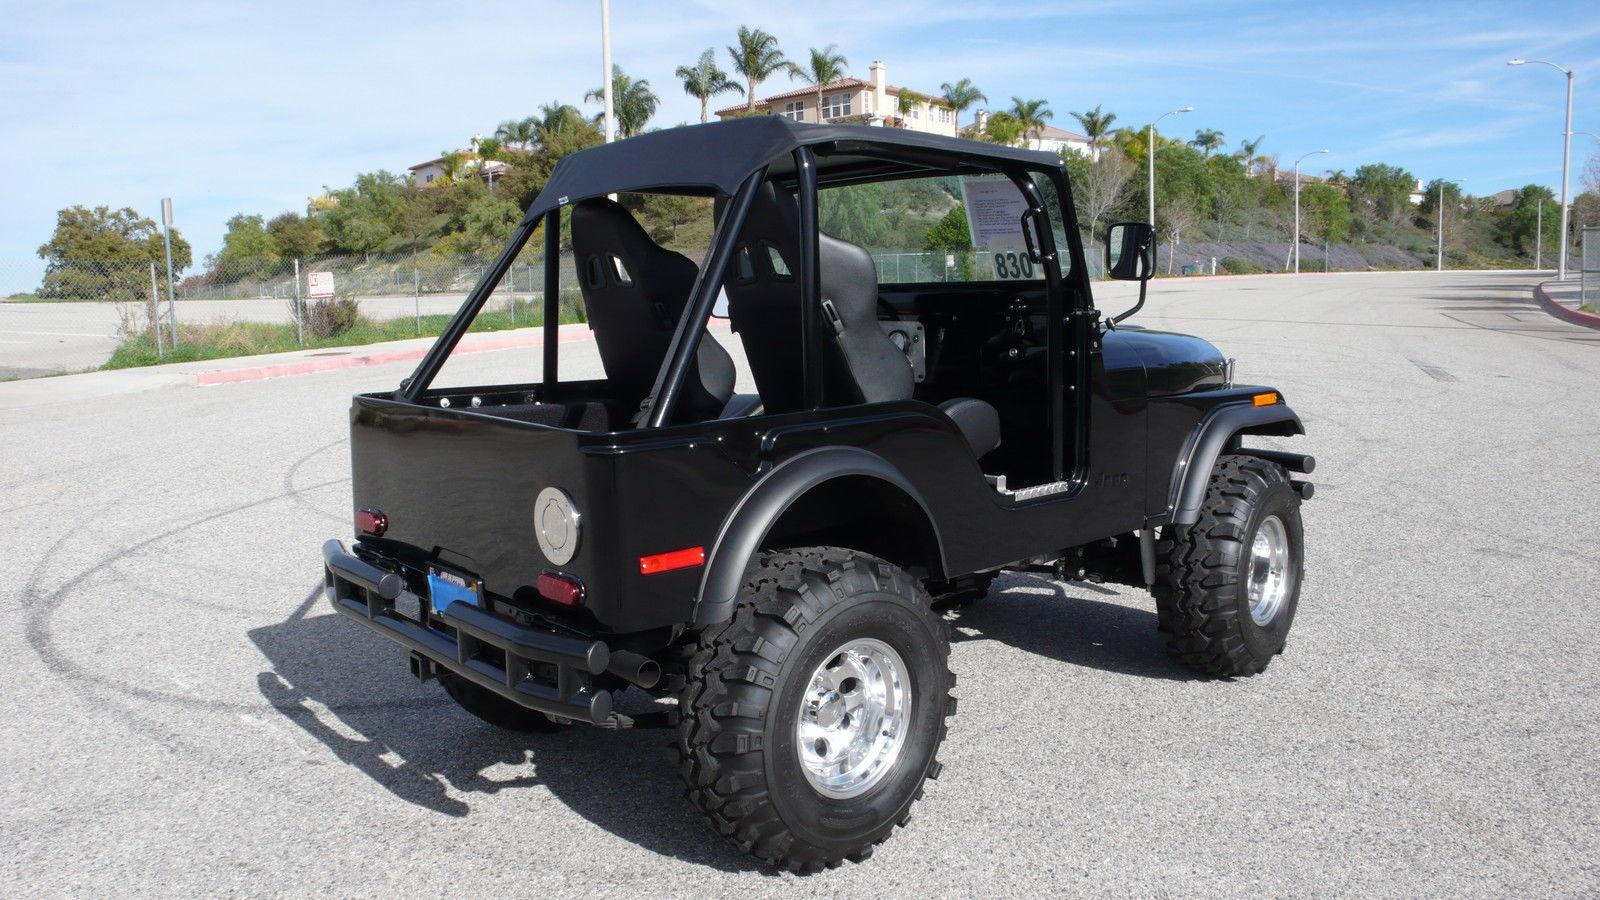 1974 Jeep Cj5   V8  Jeep Cj  4x4  Off Road  Rock Crawler  Classic